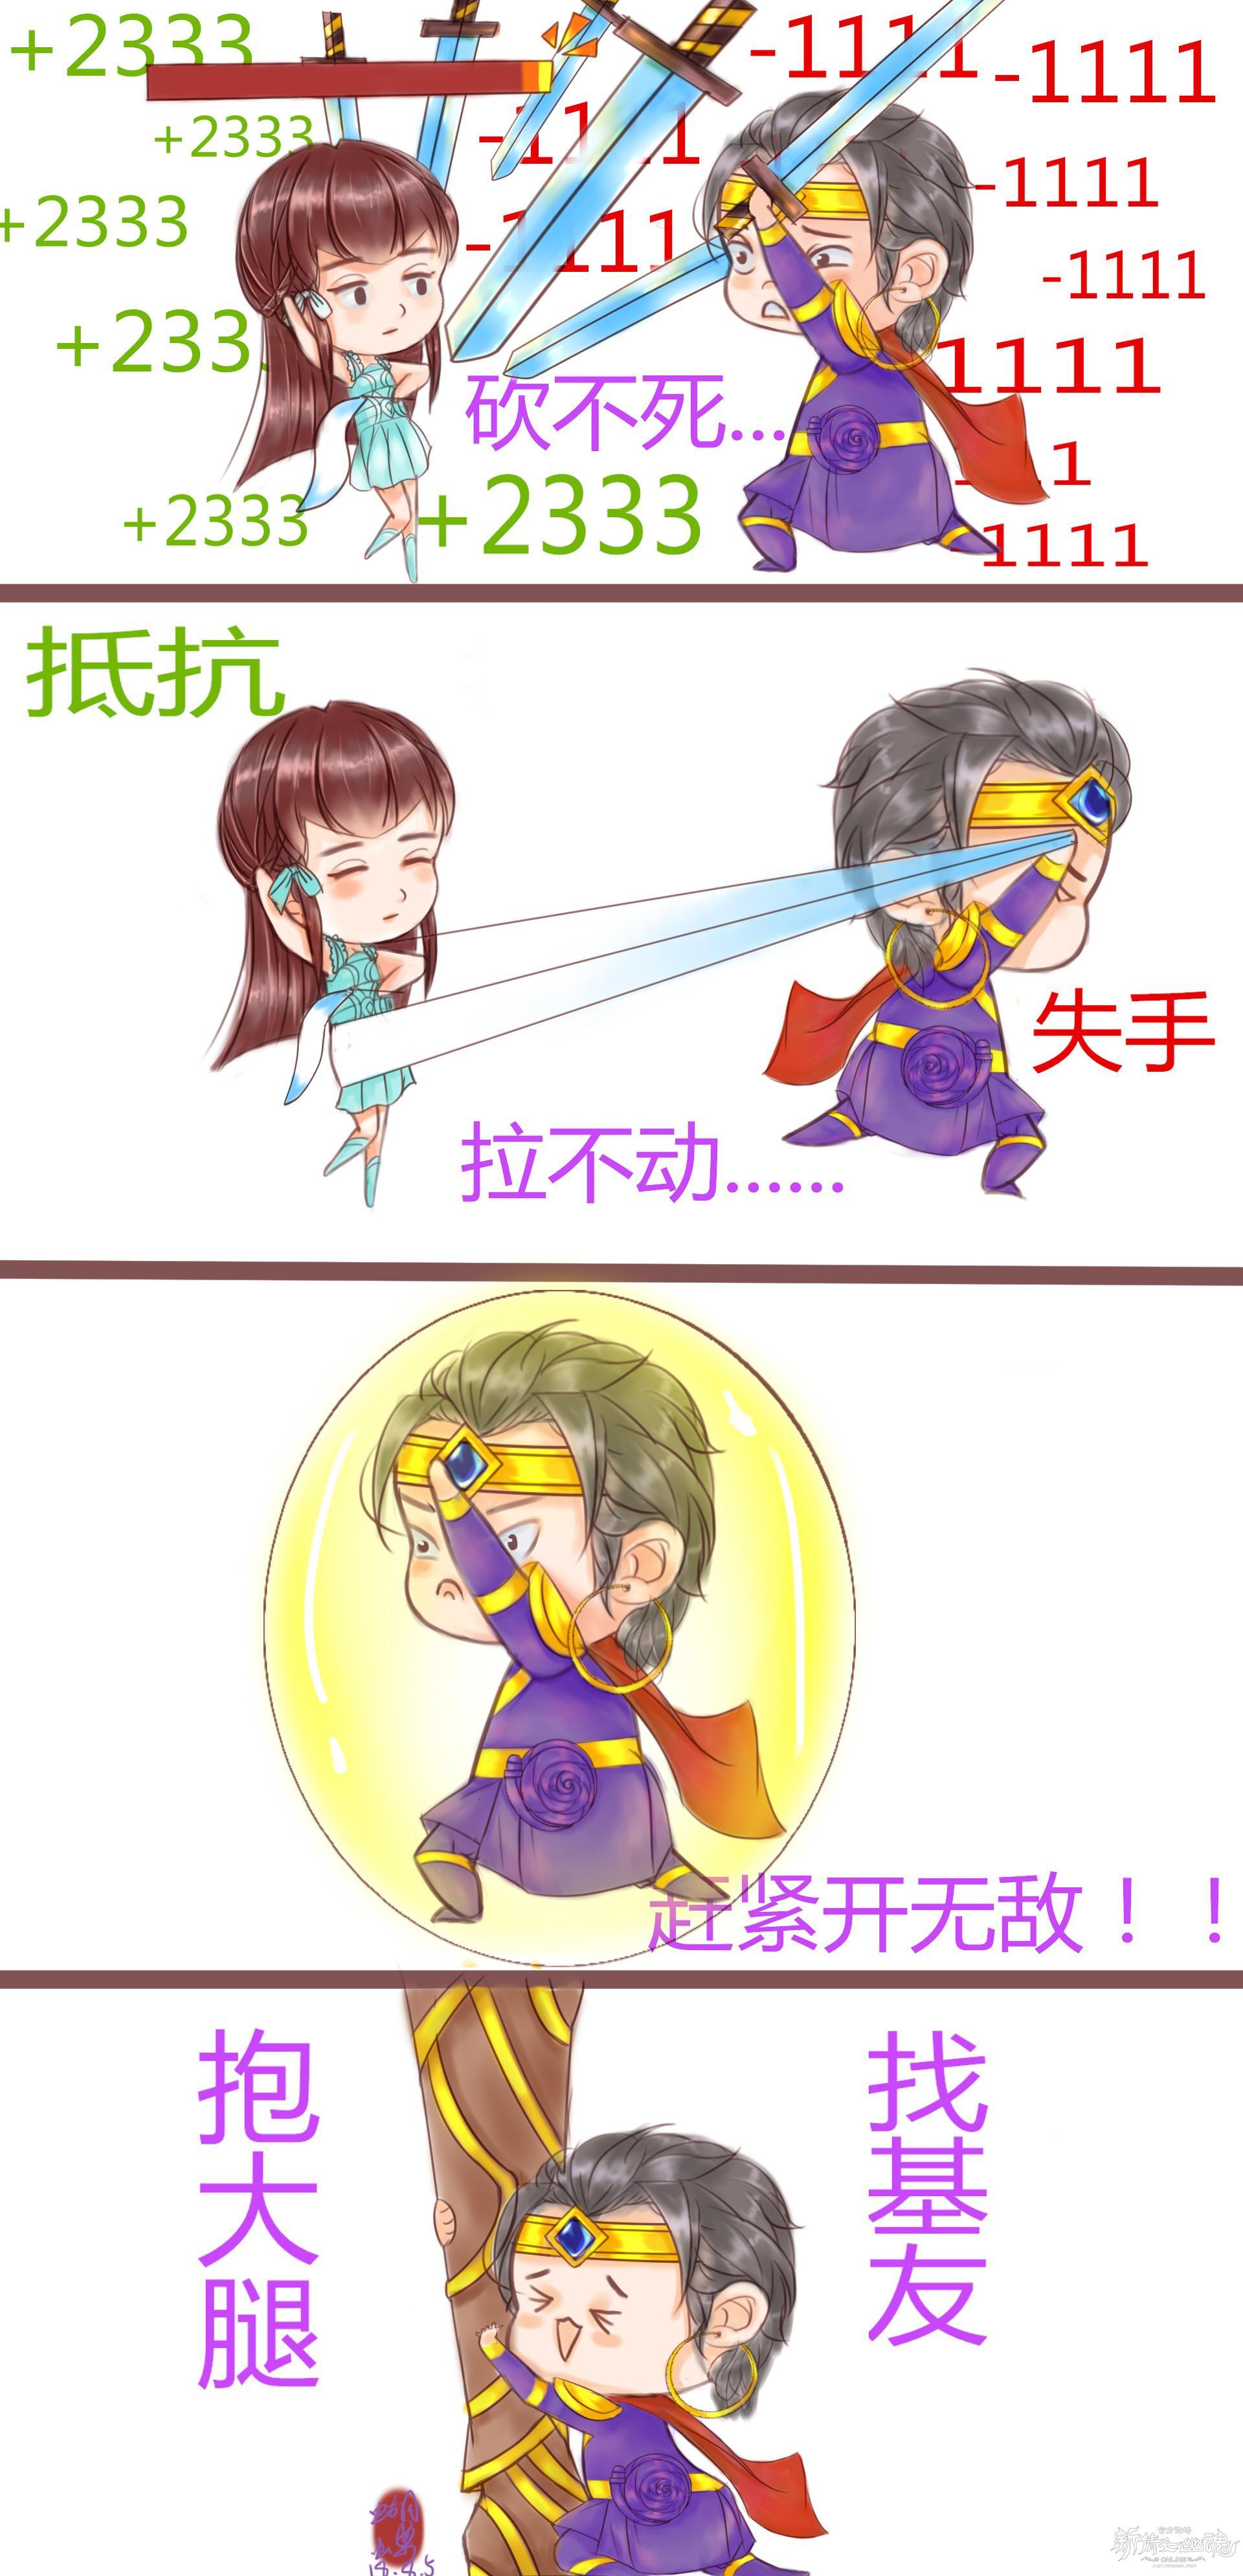 [手绘] 【名人堂】全民争霸赛之关爱侠客人人有责